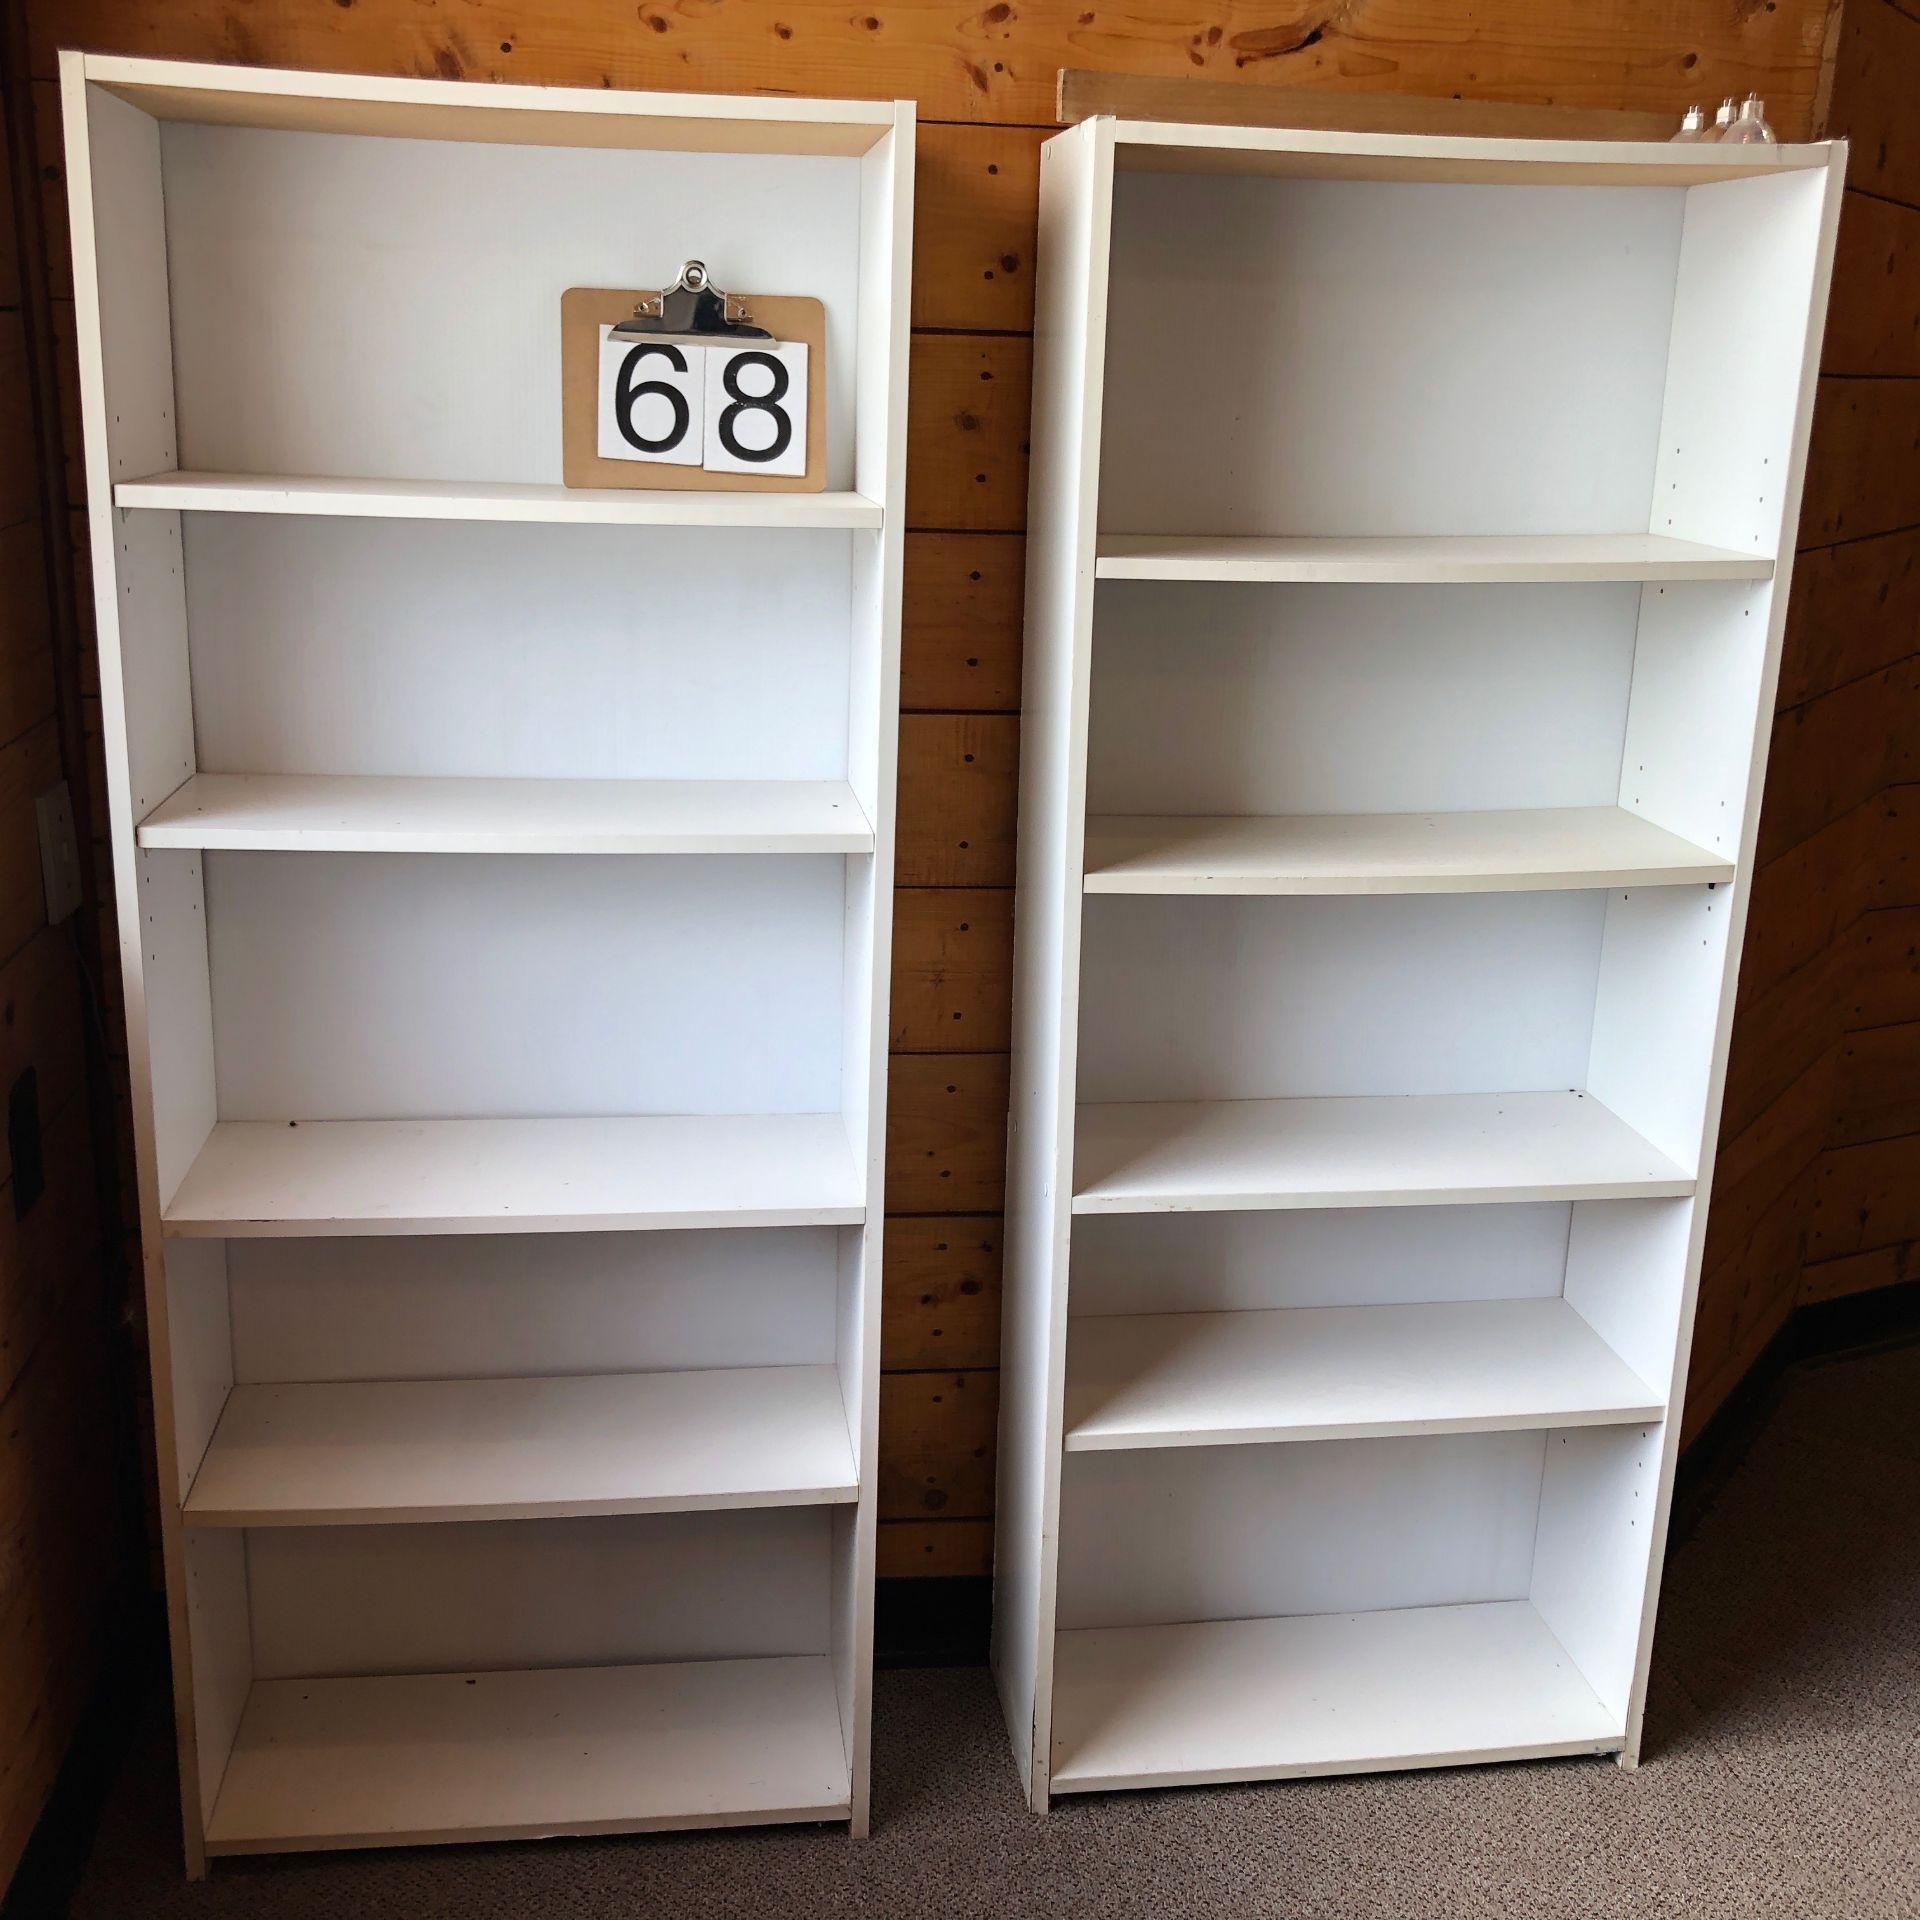 Two white bookshelves